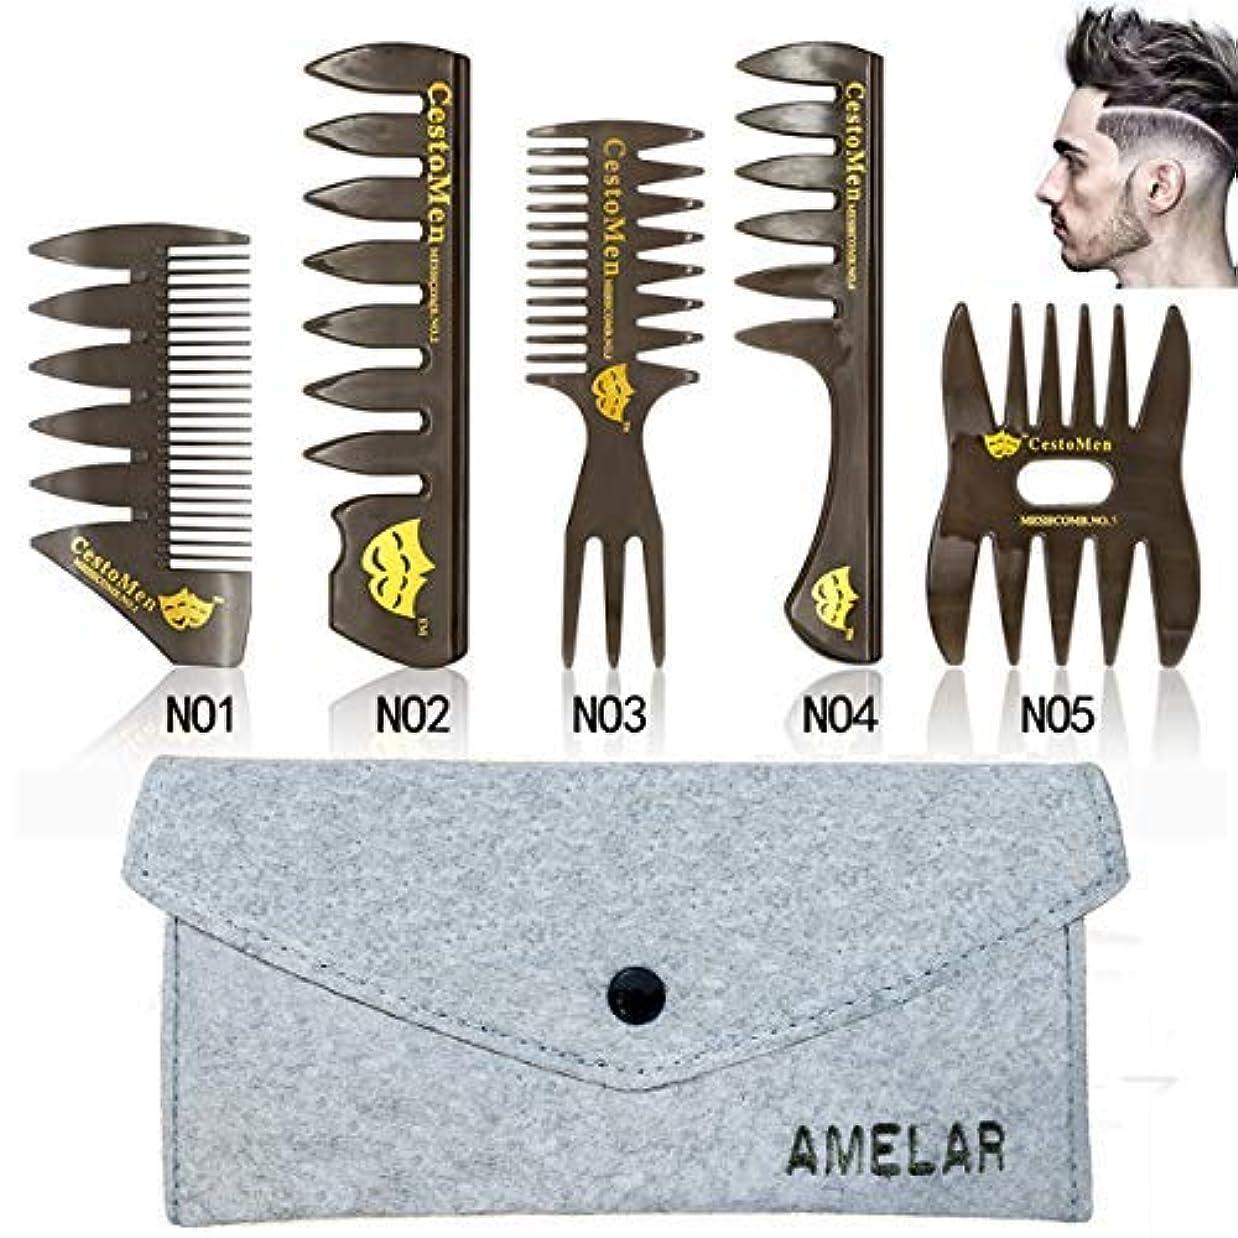 逆さまにスモッグ冗長6 PCS Hair Comb Styling Set Barber Hairstylist Accessories,Professional Shaping & Wet Pick Barber Brush Tools,...